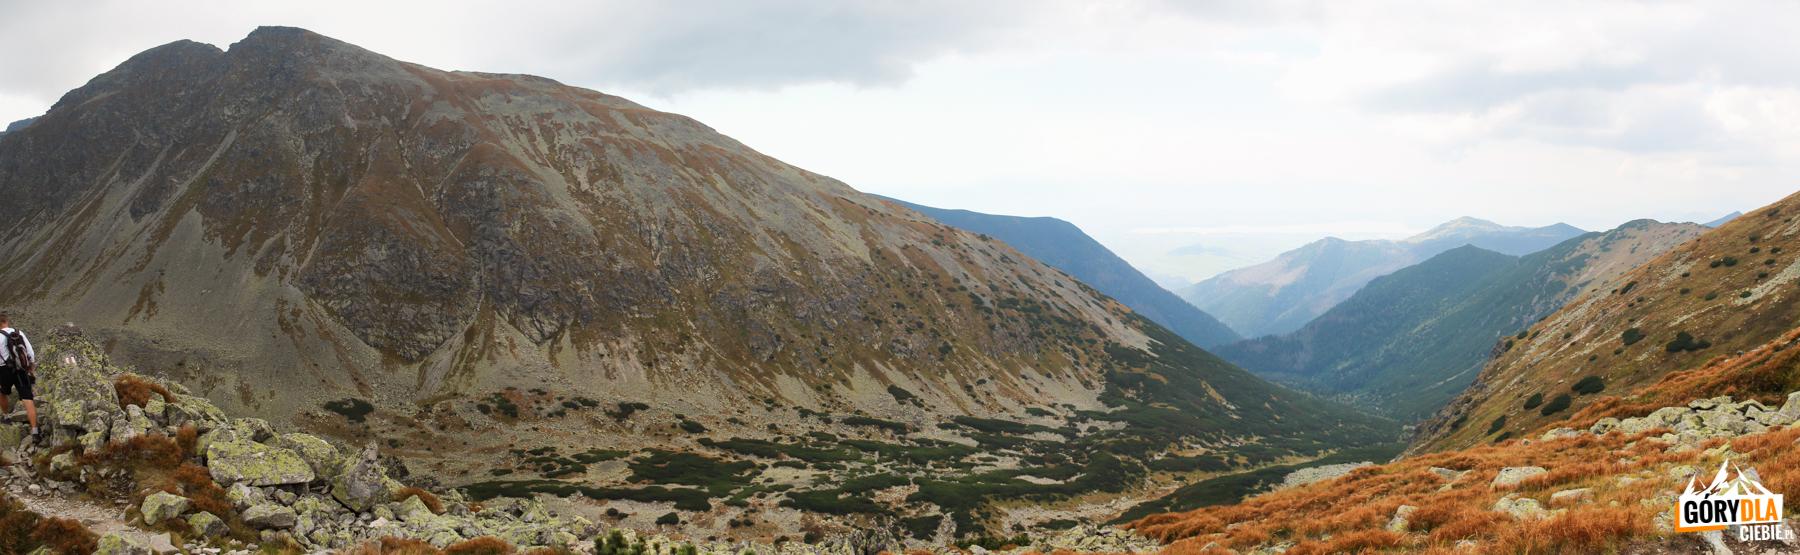 Dolina Głęboka inad nią Pahoł (2167 m) widziane zPrzełęczy Dzwon (1907 m)